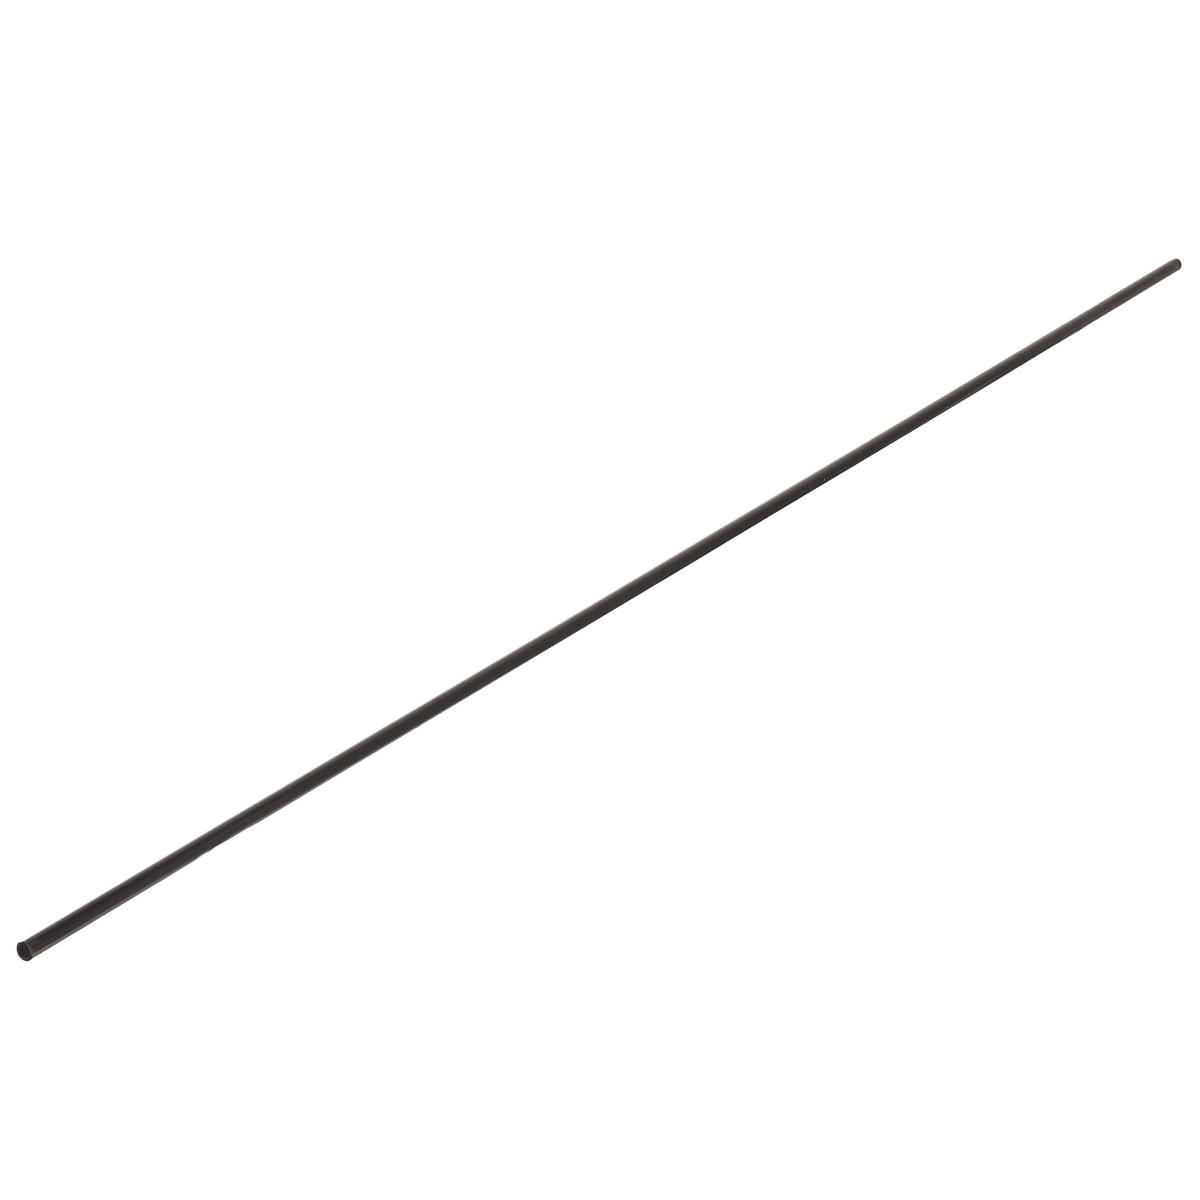 Труба Gah Alberts 7x1x1000 мм, ПВХ, цвет чёрная